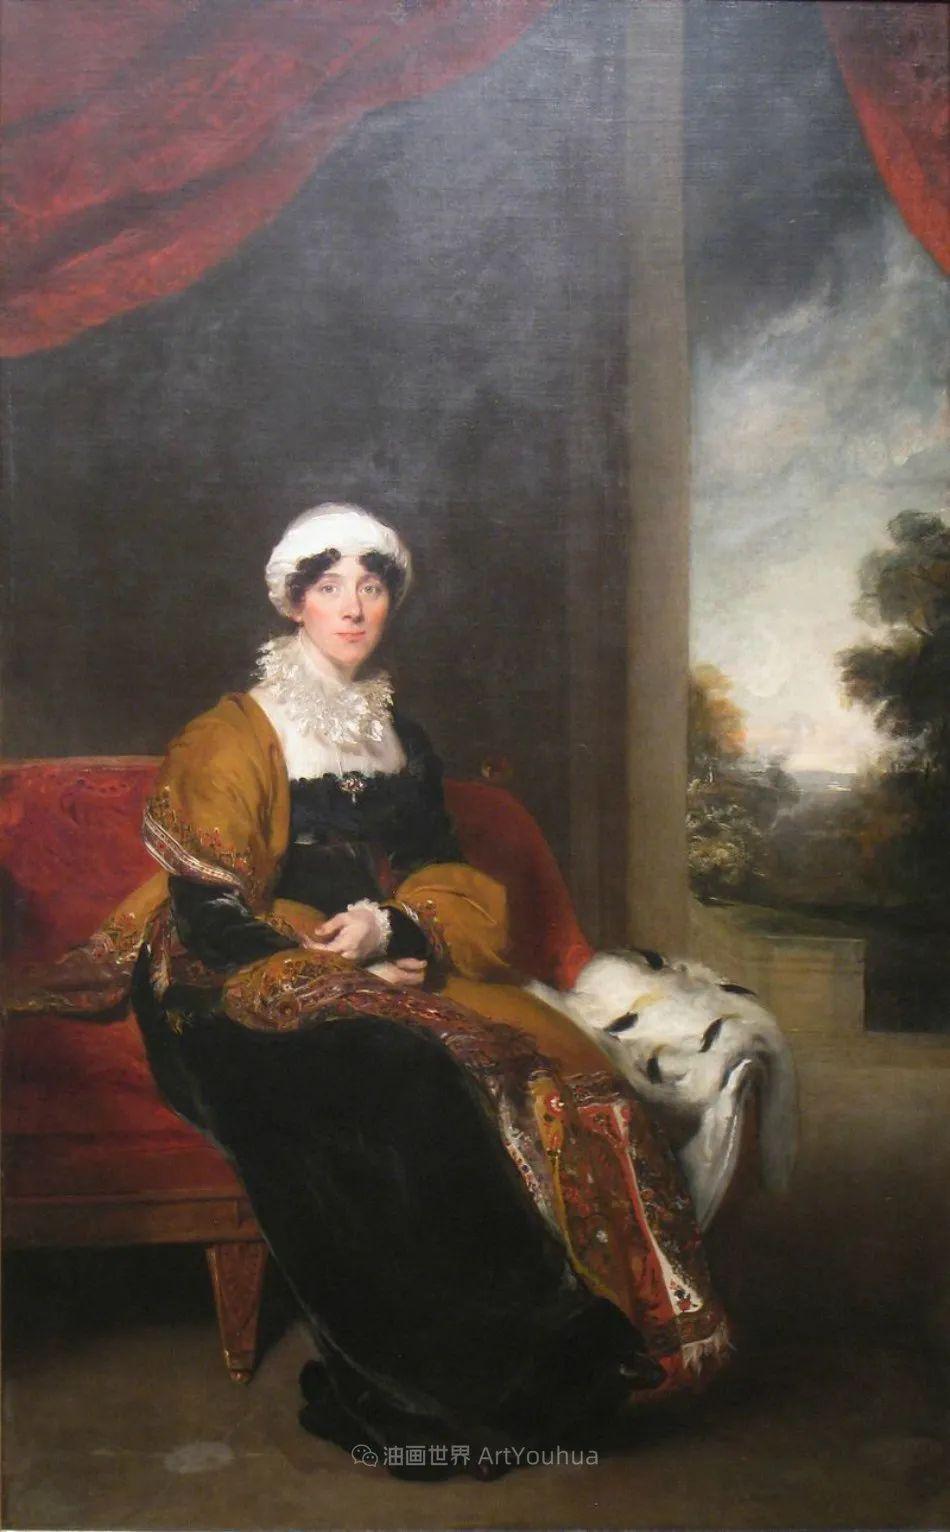 两百年前华丽风格的女性肖像,奔放的笔触、明亮的色彩!插图111